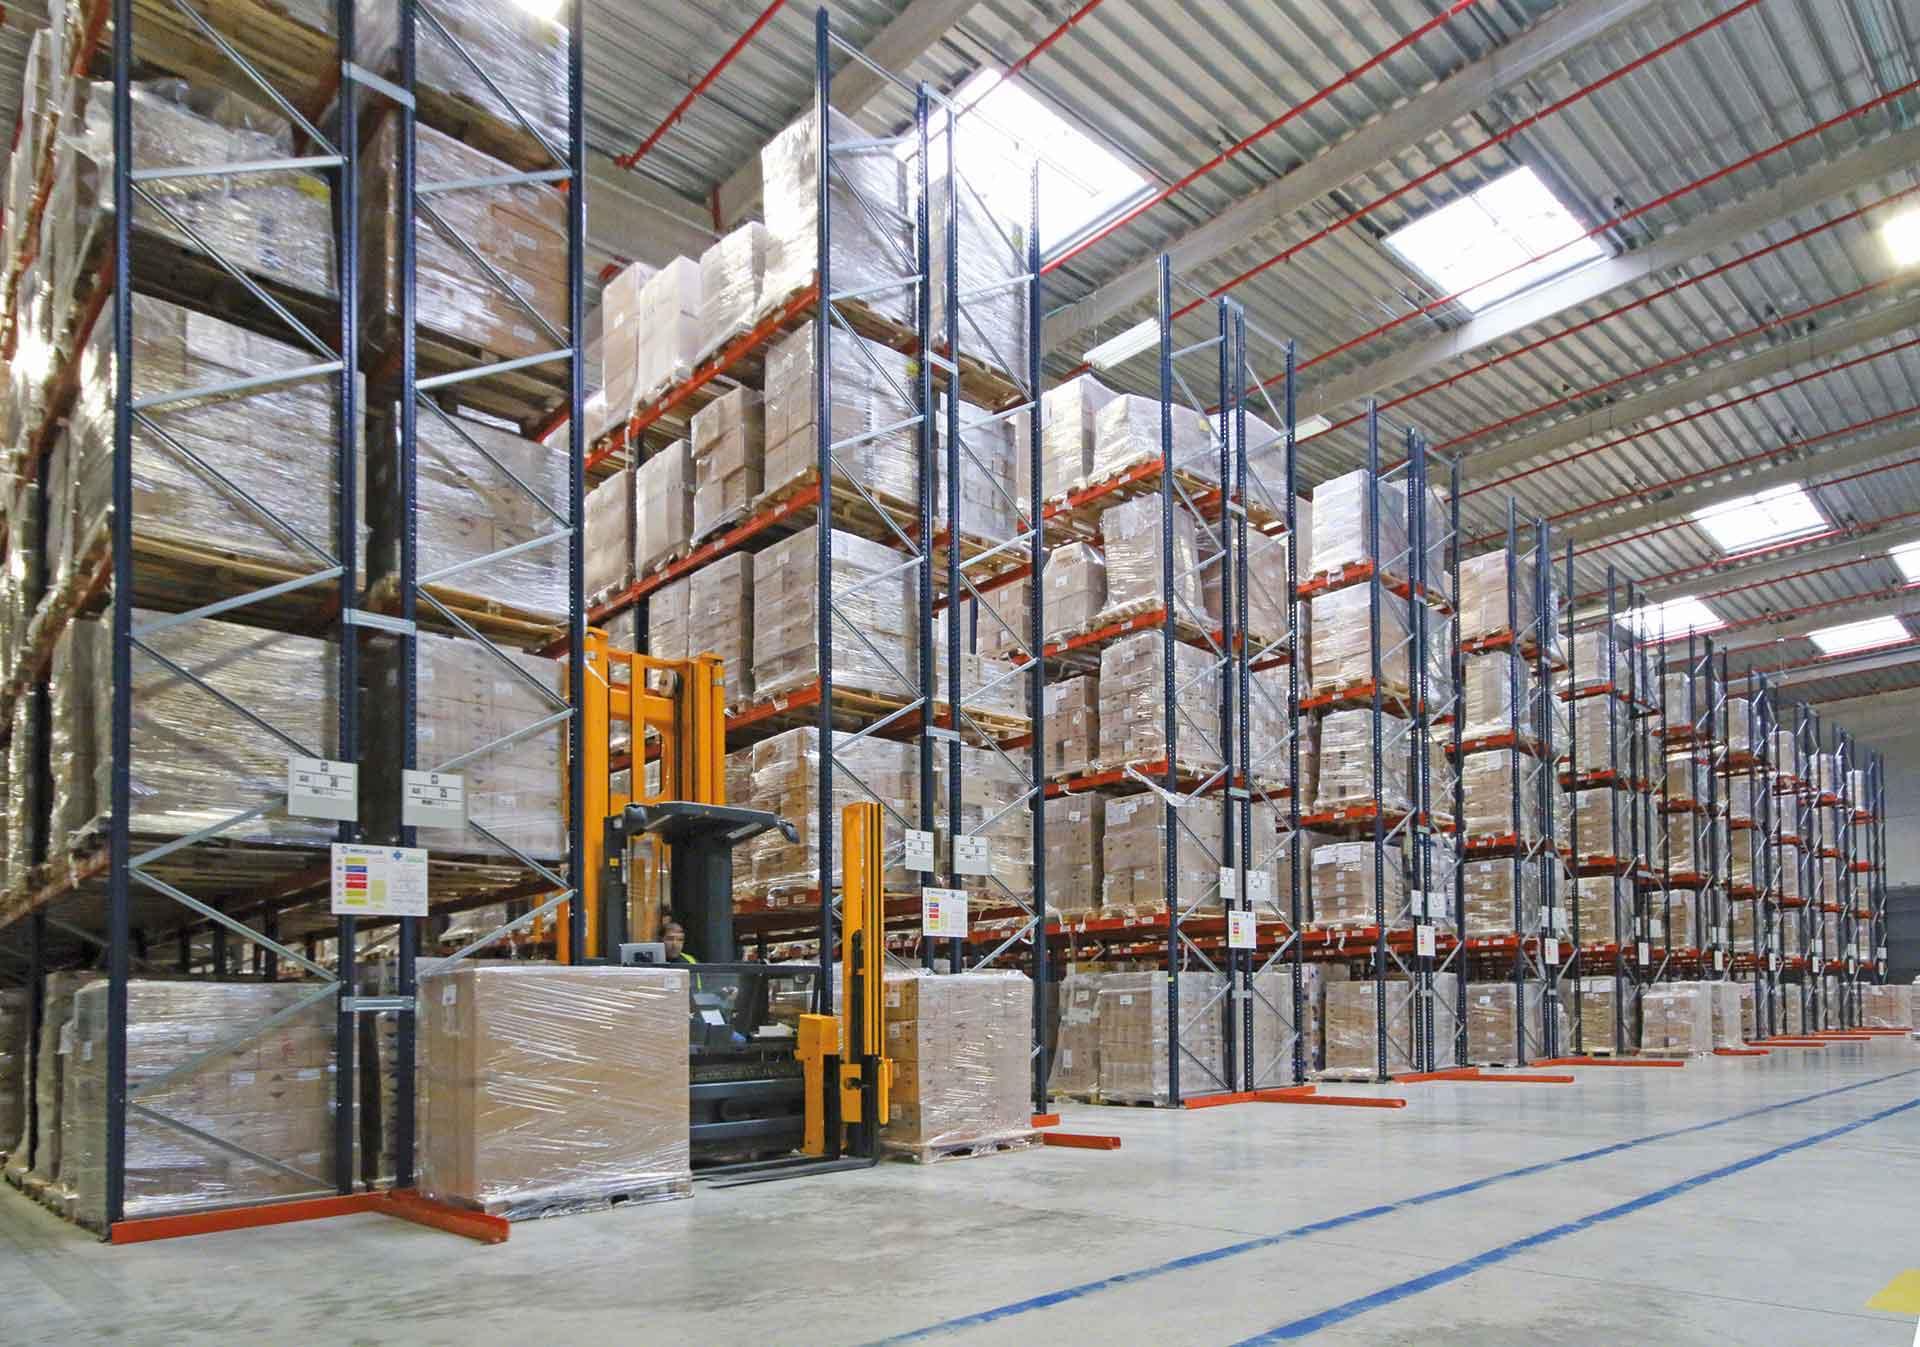 Zone de stockage de marchandises d'un entrepôt traditionnel.